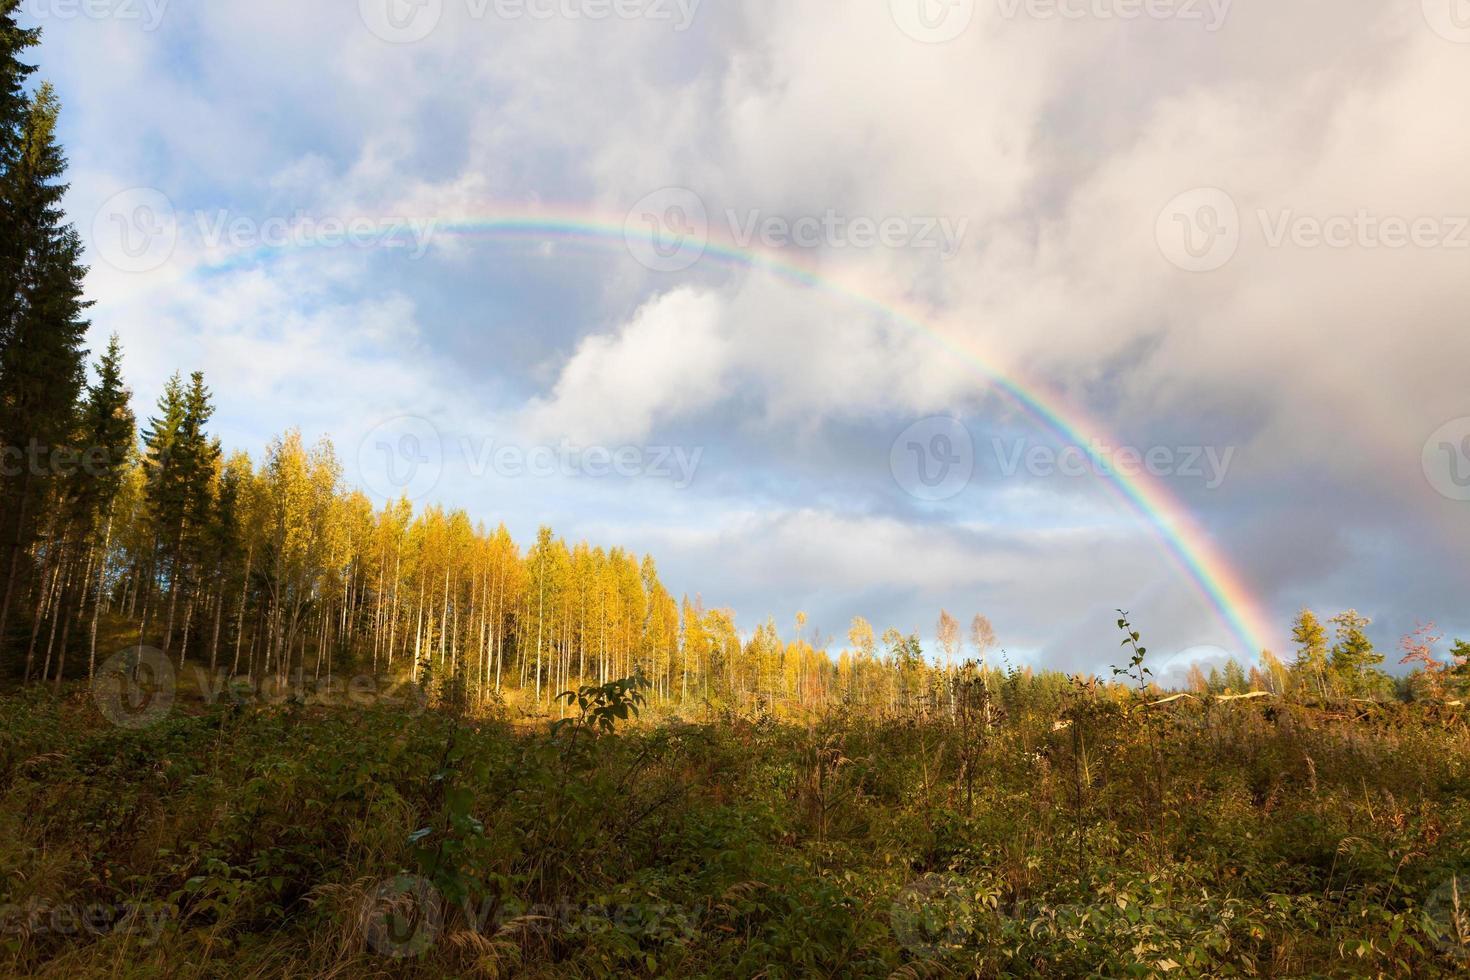 regenboog en boslandschap foto